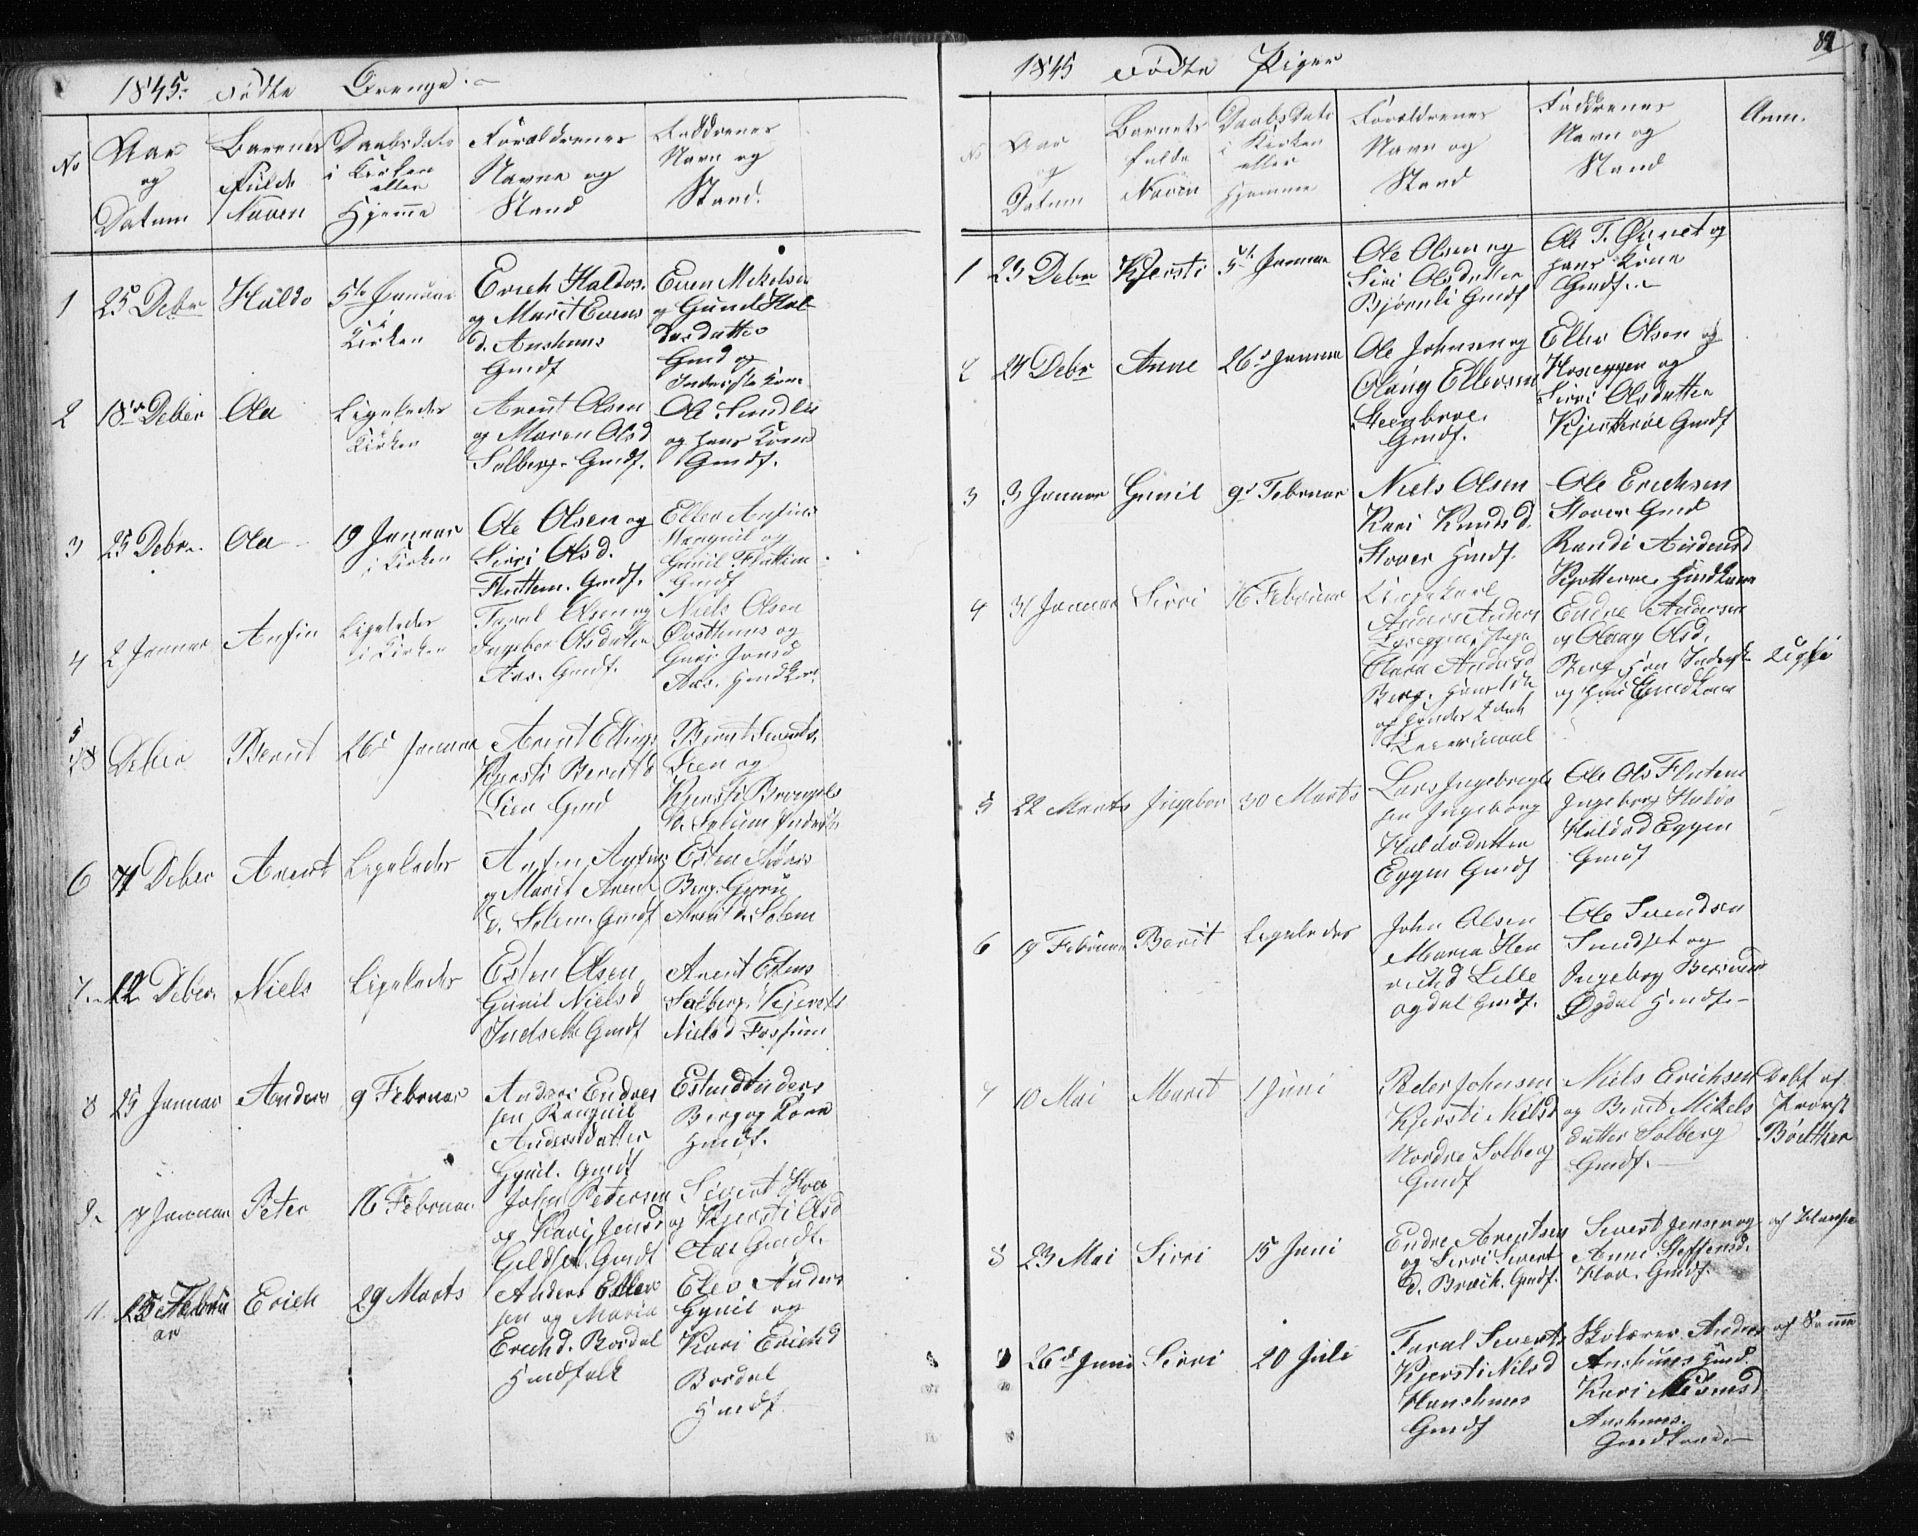 SAT, Ministerialprotokoller, klokkerbøker og fødselsregistre - Sør-Trøndelag, 689/L1043: Klokkerbok nr. 689C02, 1816-1892, s. 84